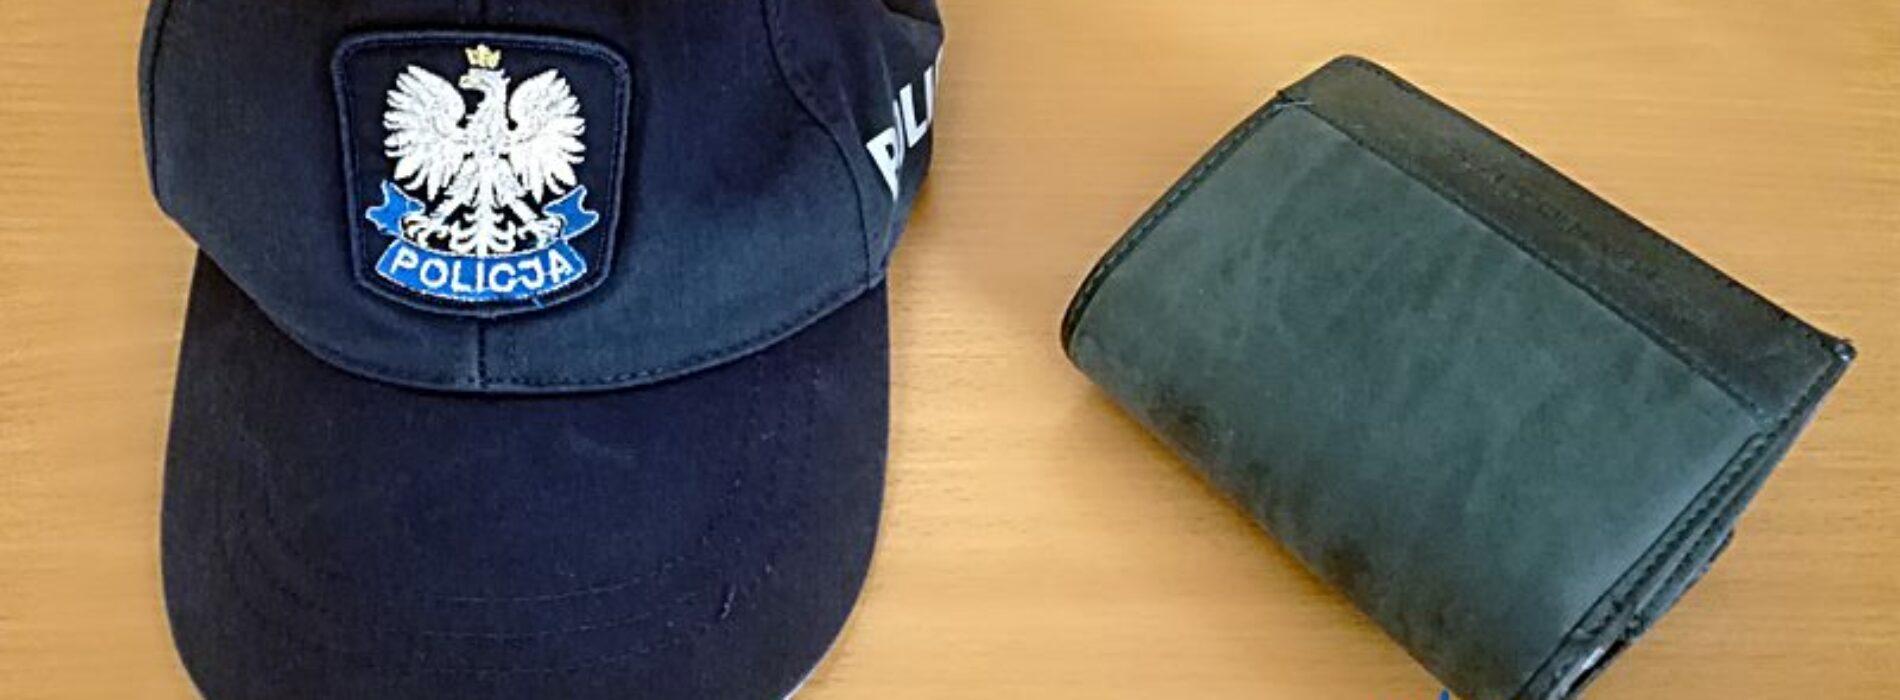 Ukradł pozostawiony przez 87-letniego mężczyznę w sklepie przy kasie portfel z dokumentami